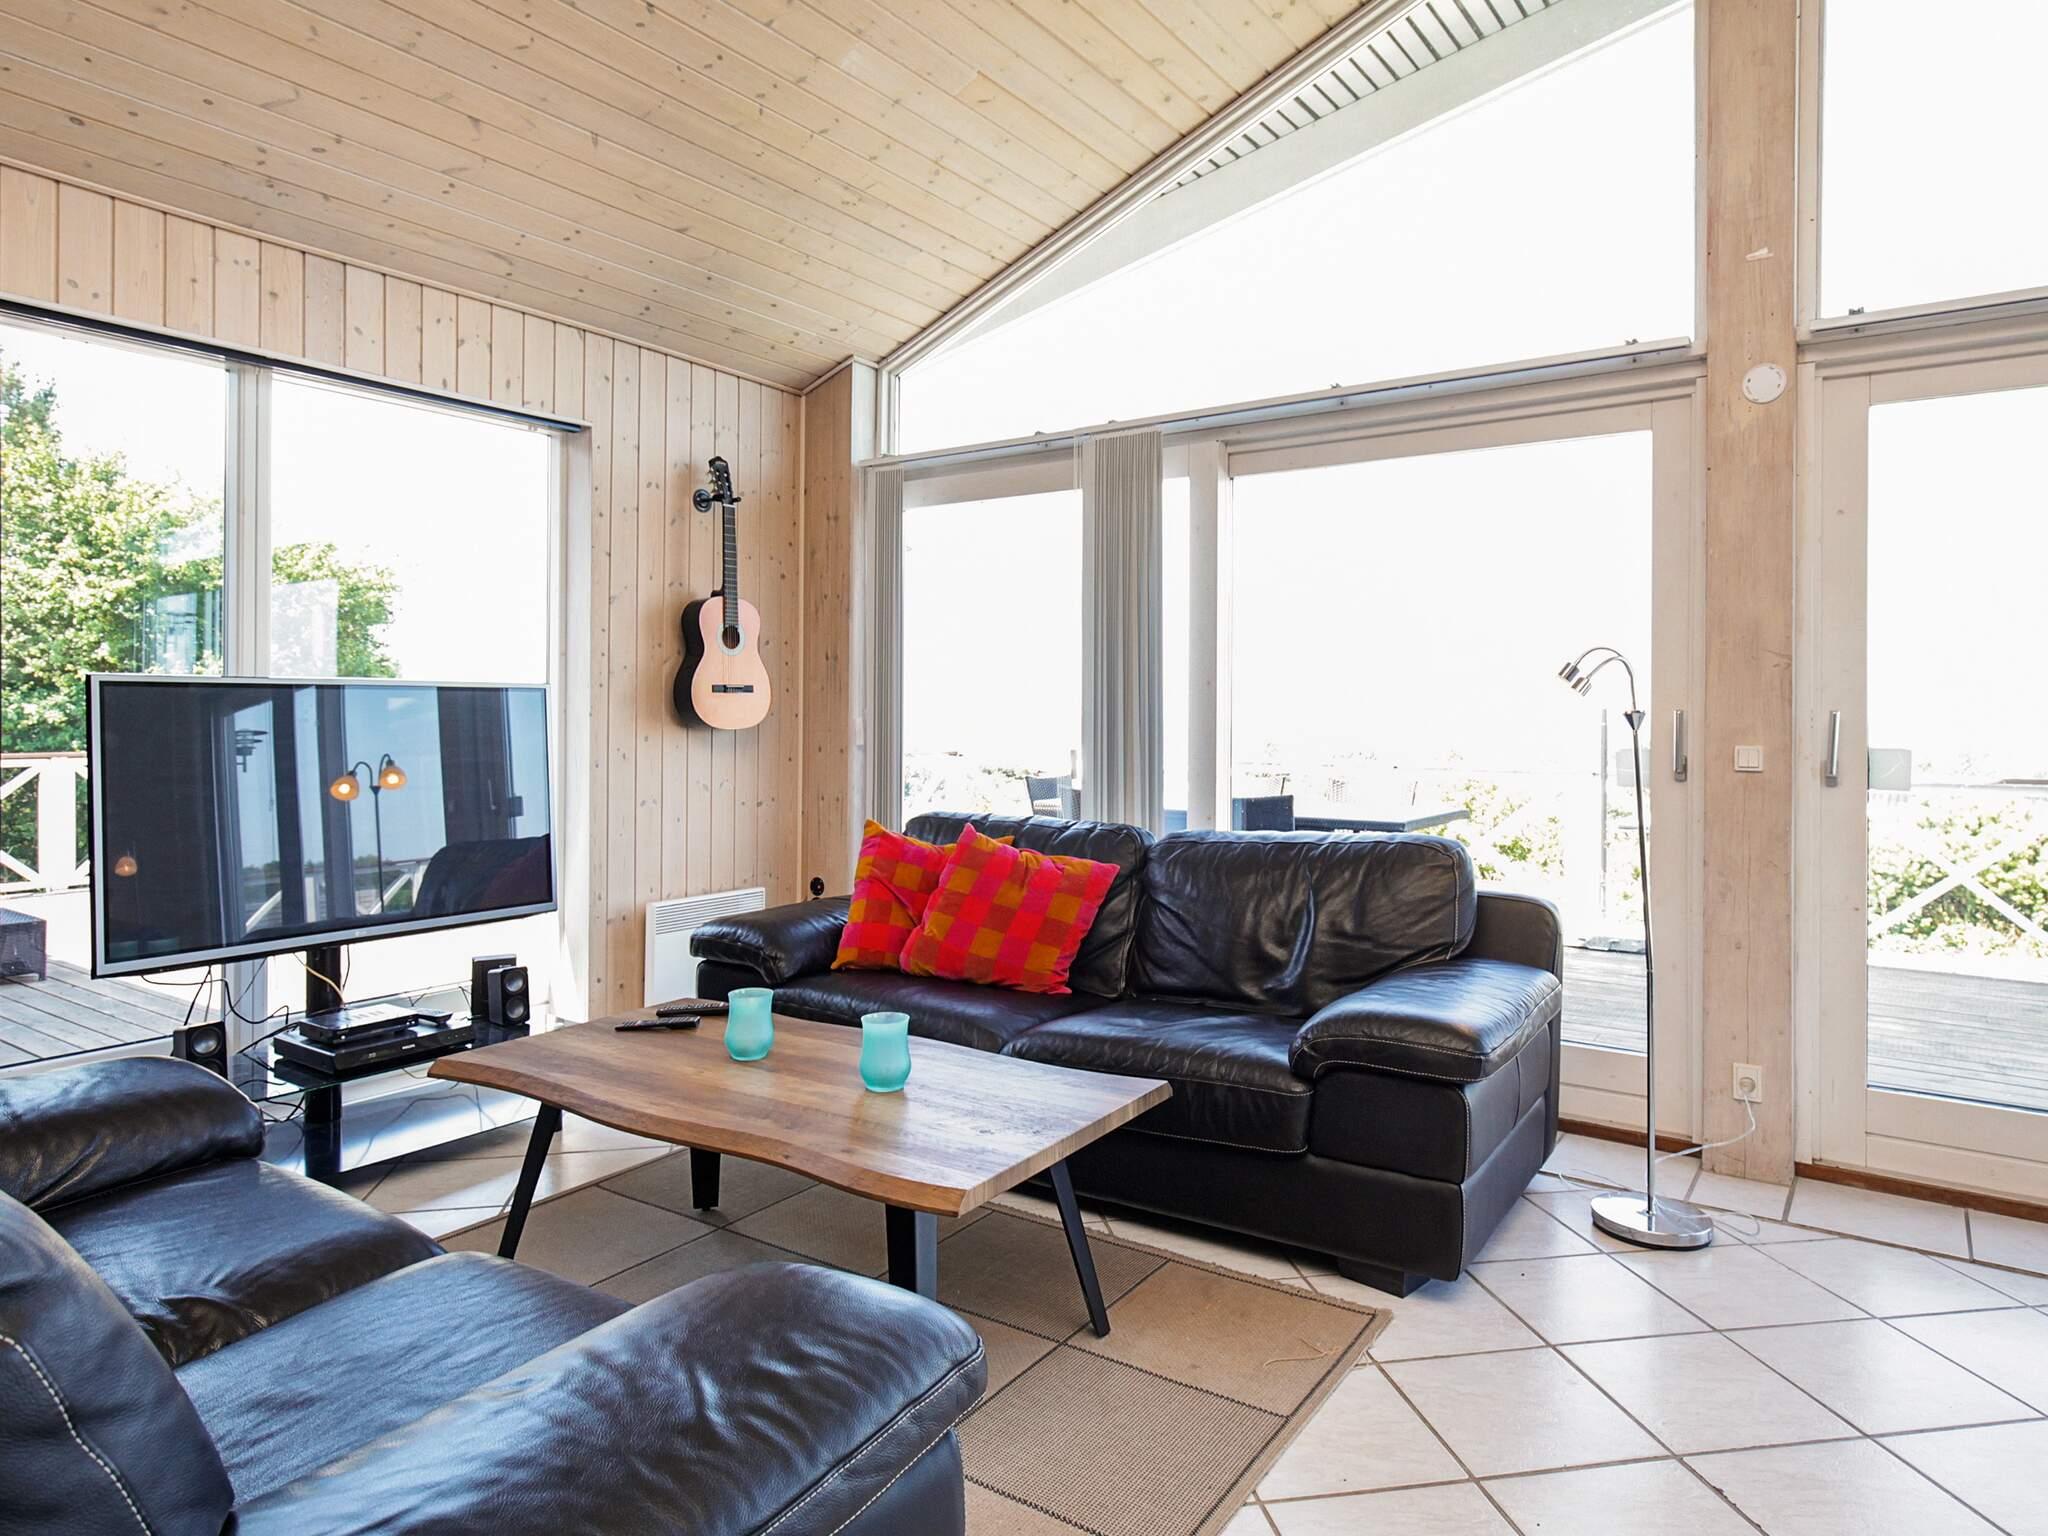 Ferienhaus Veddinge Bakker (2355598), Veddinge, , Westseeland, Dänemark, Bild 17